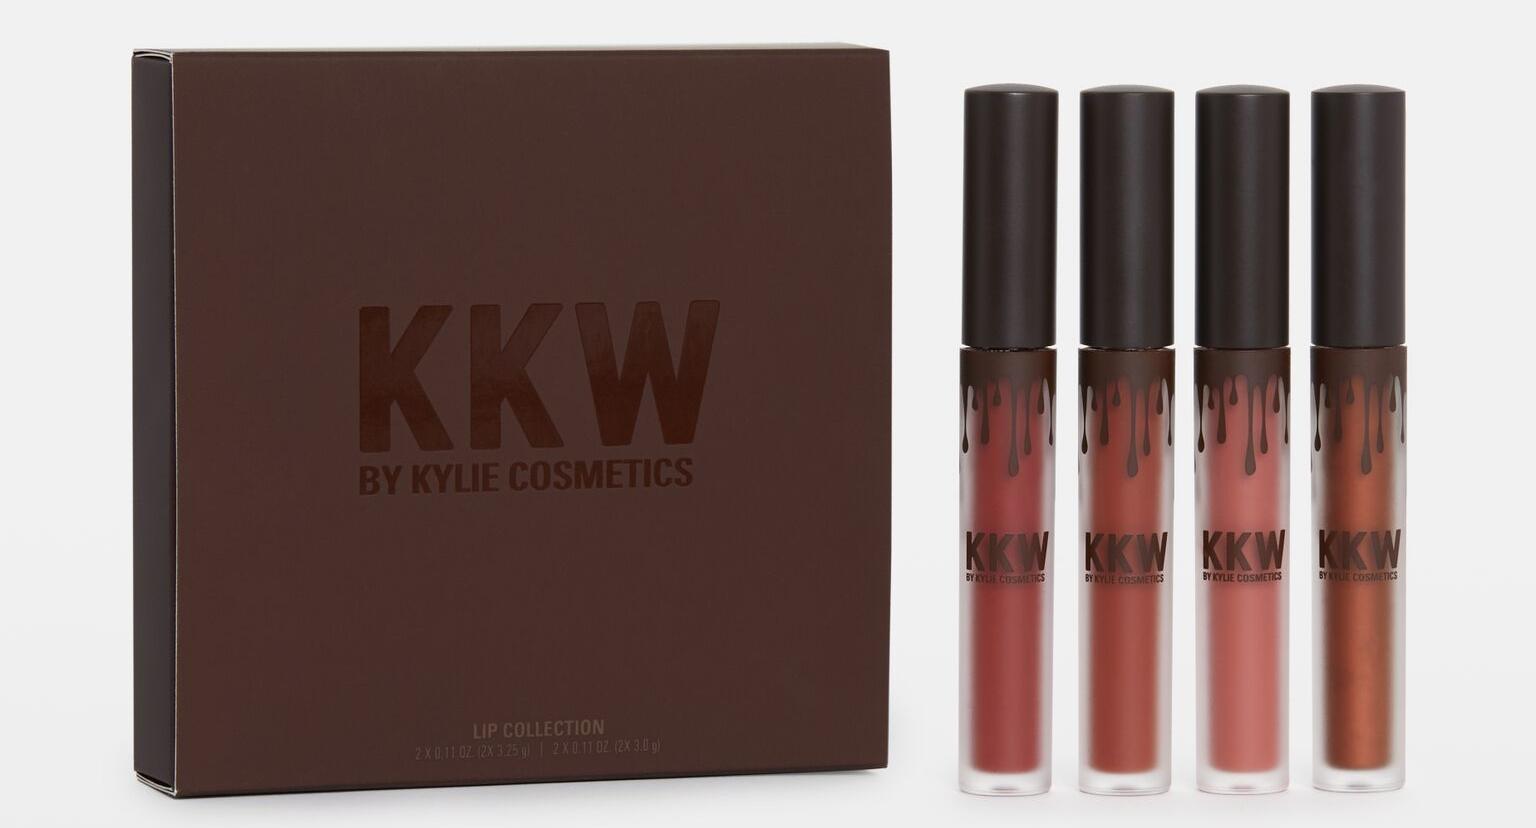 Coleção KKW 2 11 - KKW BY KYLIE COSMETICS – a segunda linha de batons da Kim em parceria com a Kylie Jenner